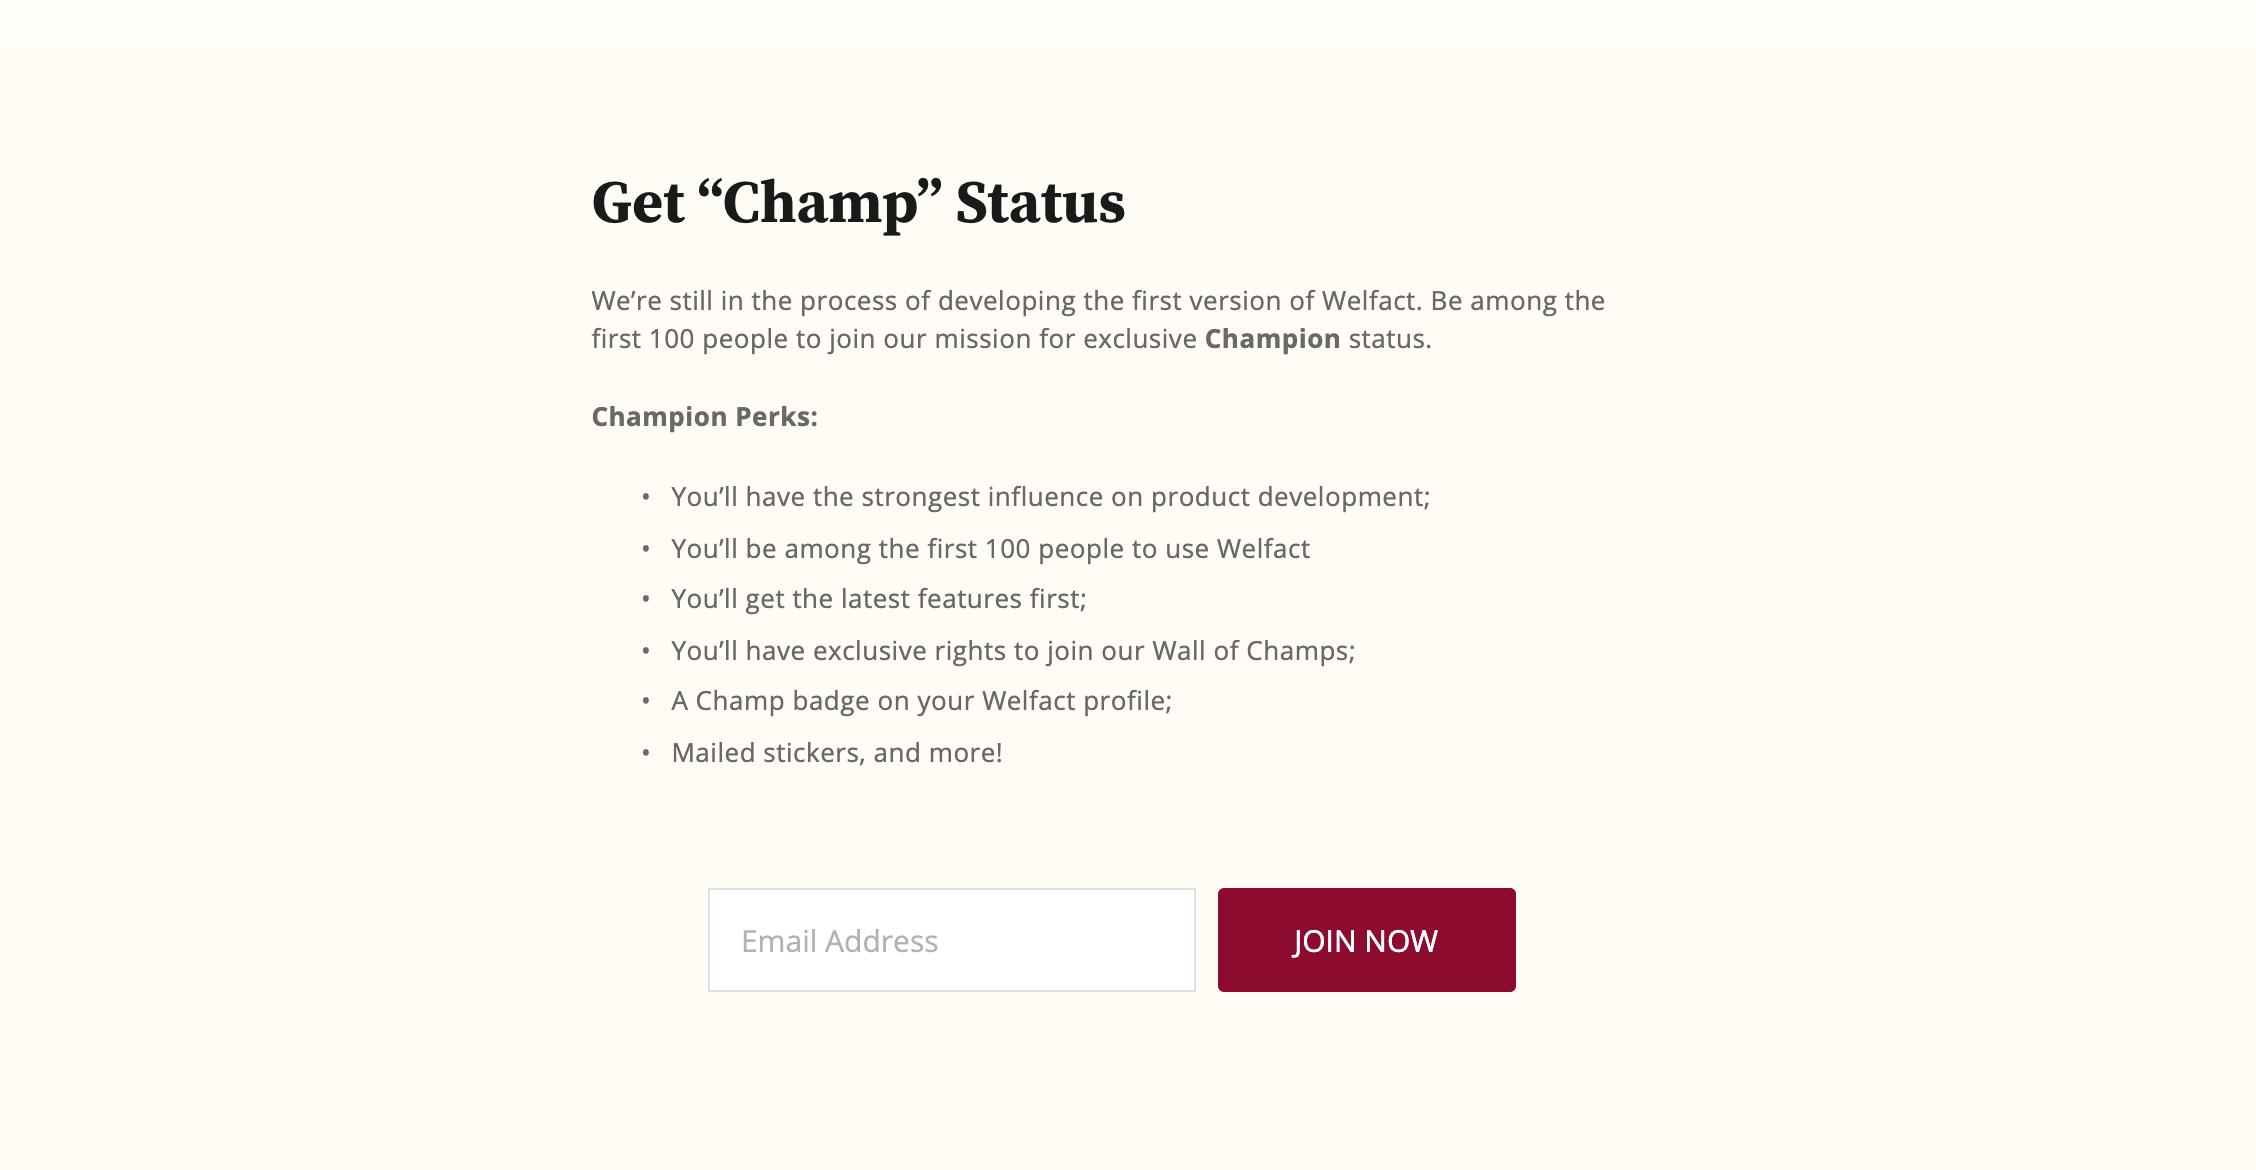 Welfact Marketing Website - Champ Status, Before